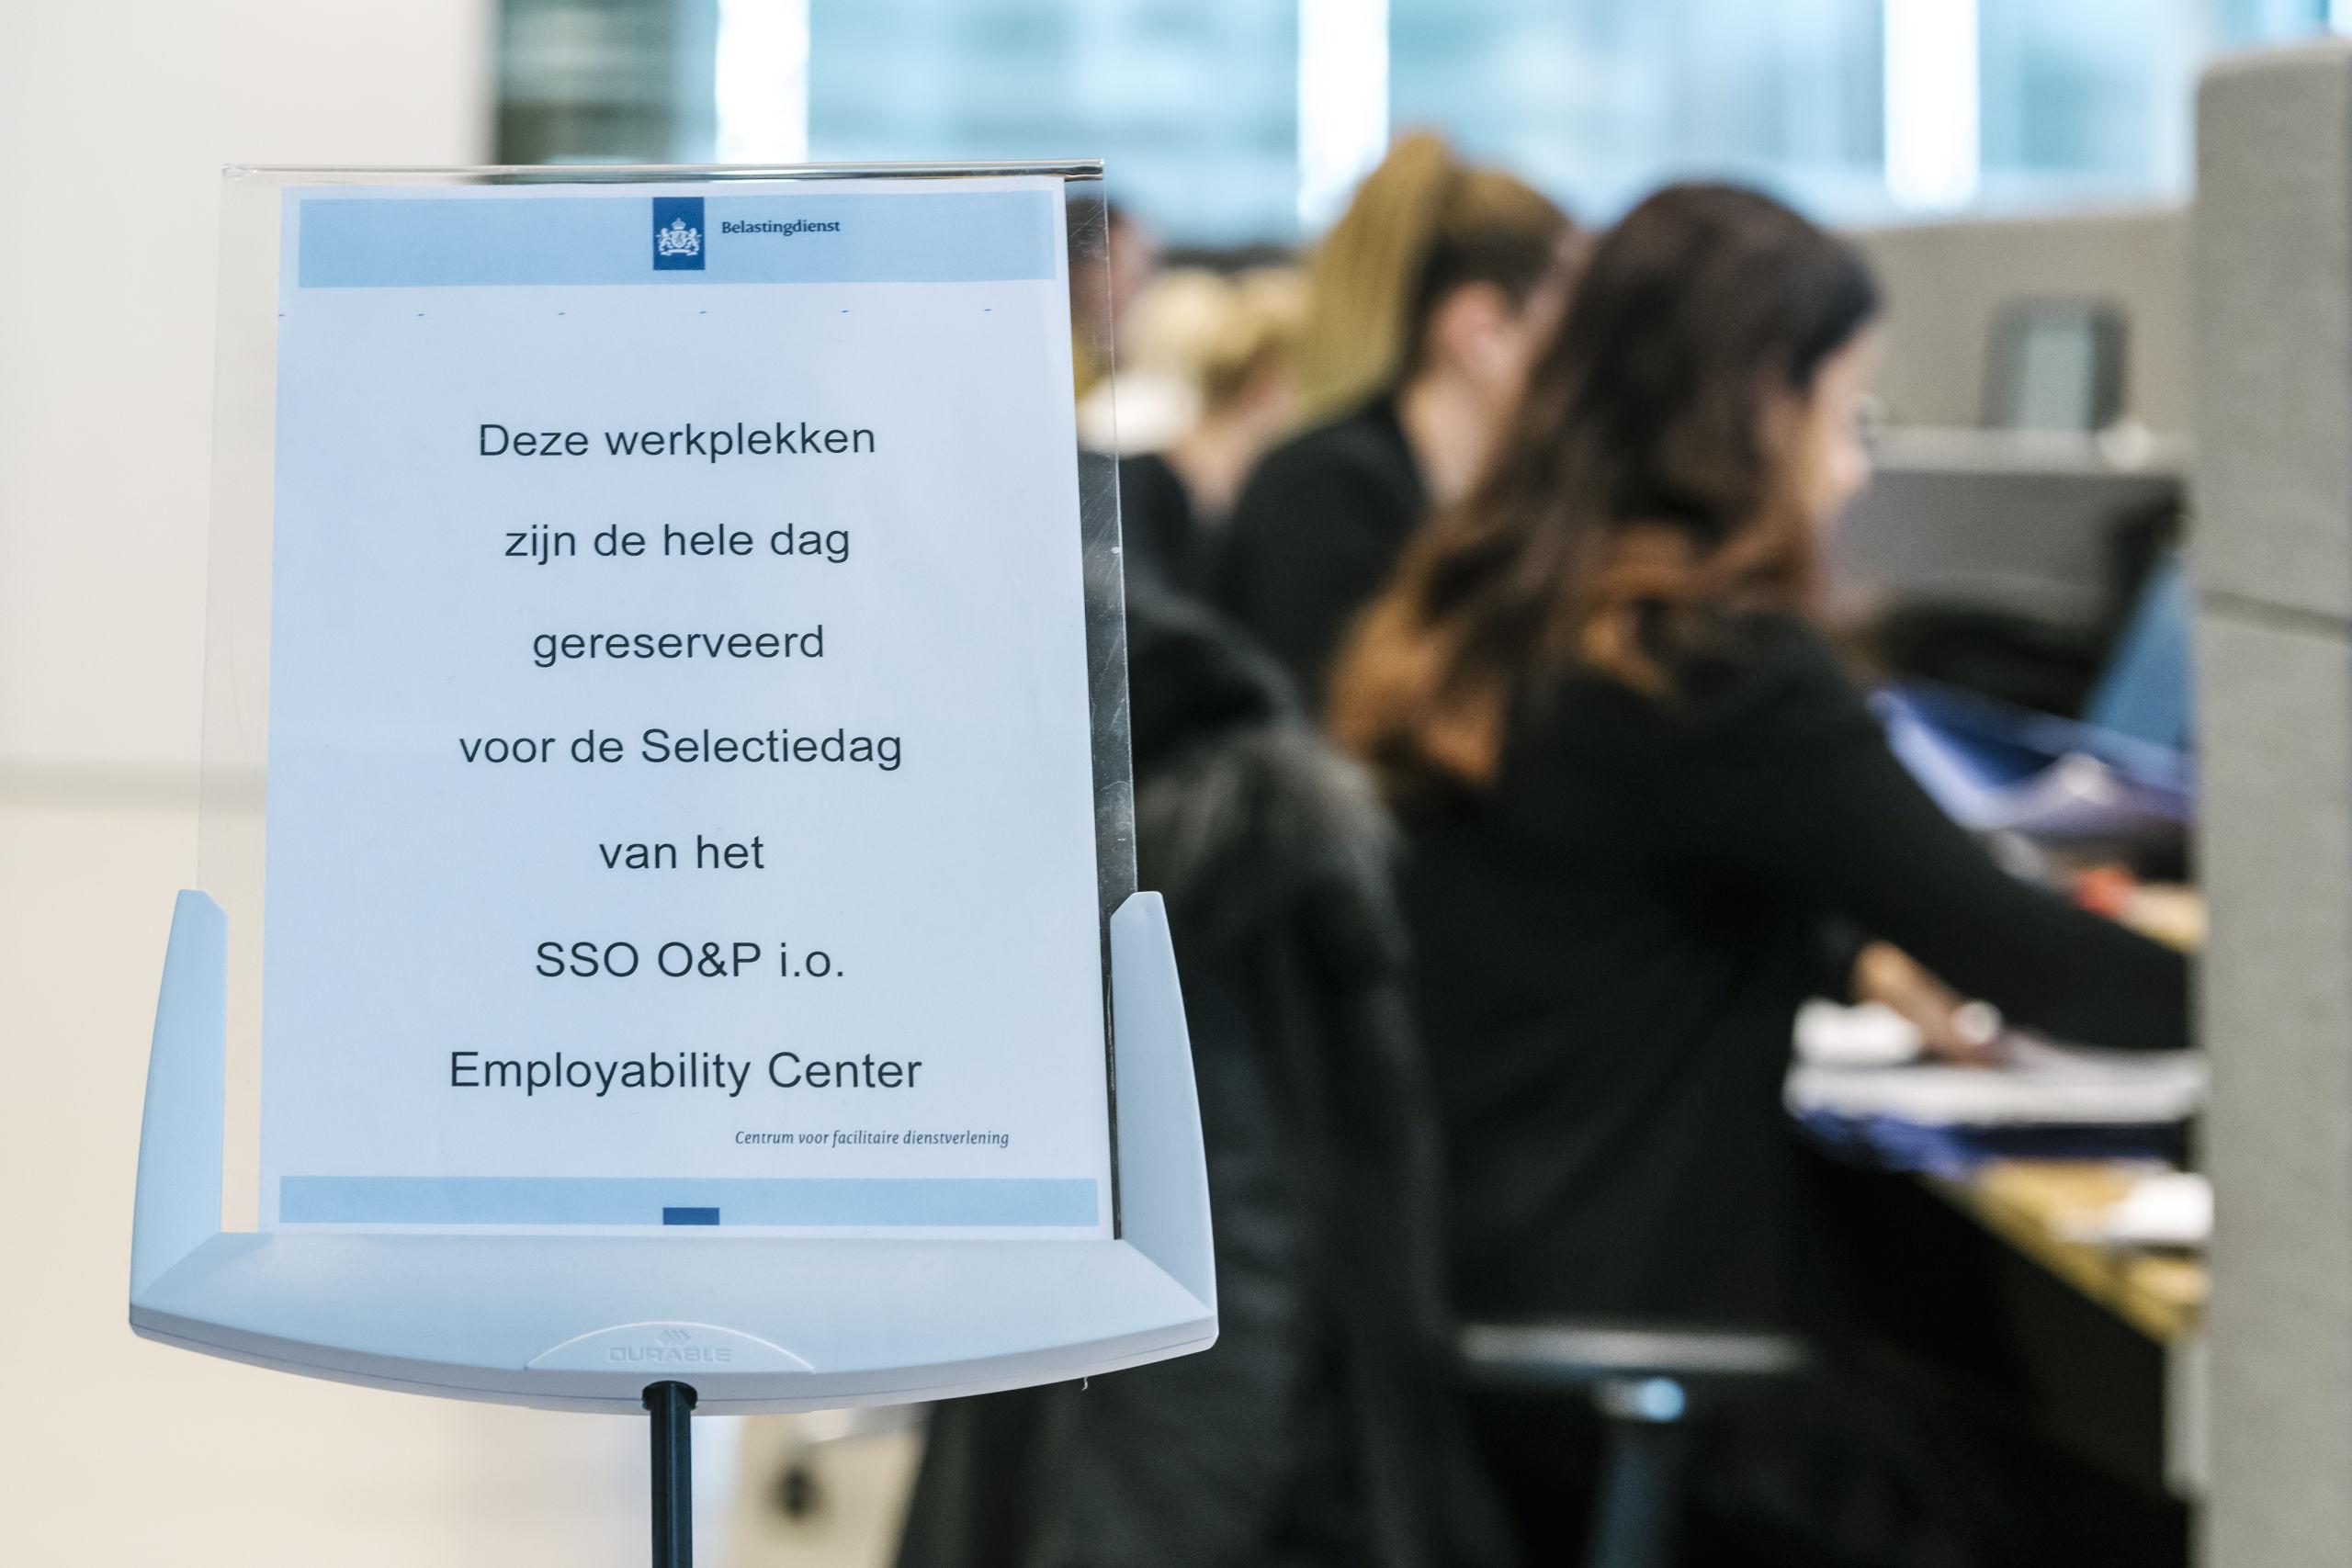 Belastingdienst Kantoor Utrecht : Succesvolle flitswerving bij de belastingdienst